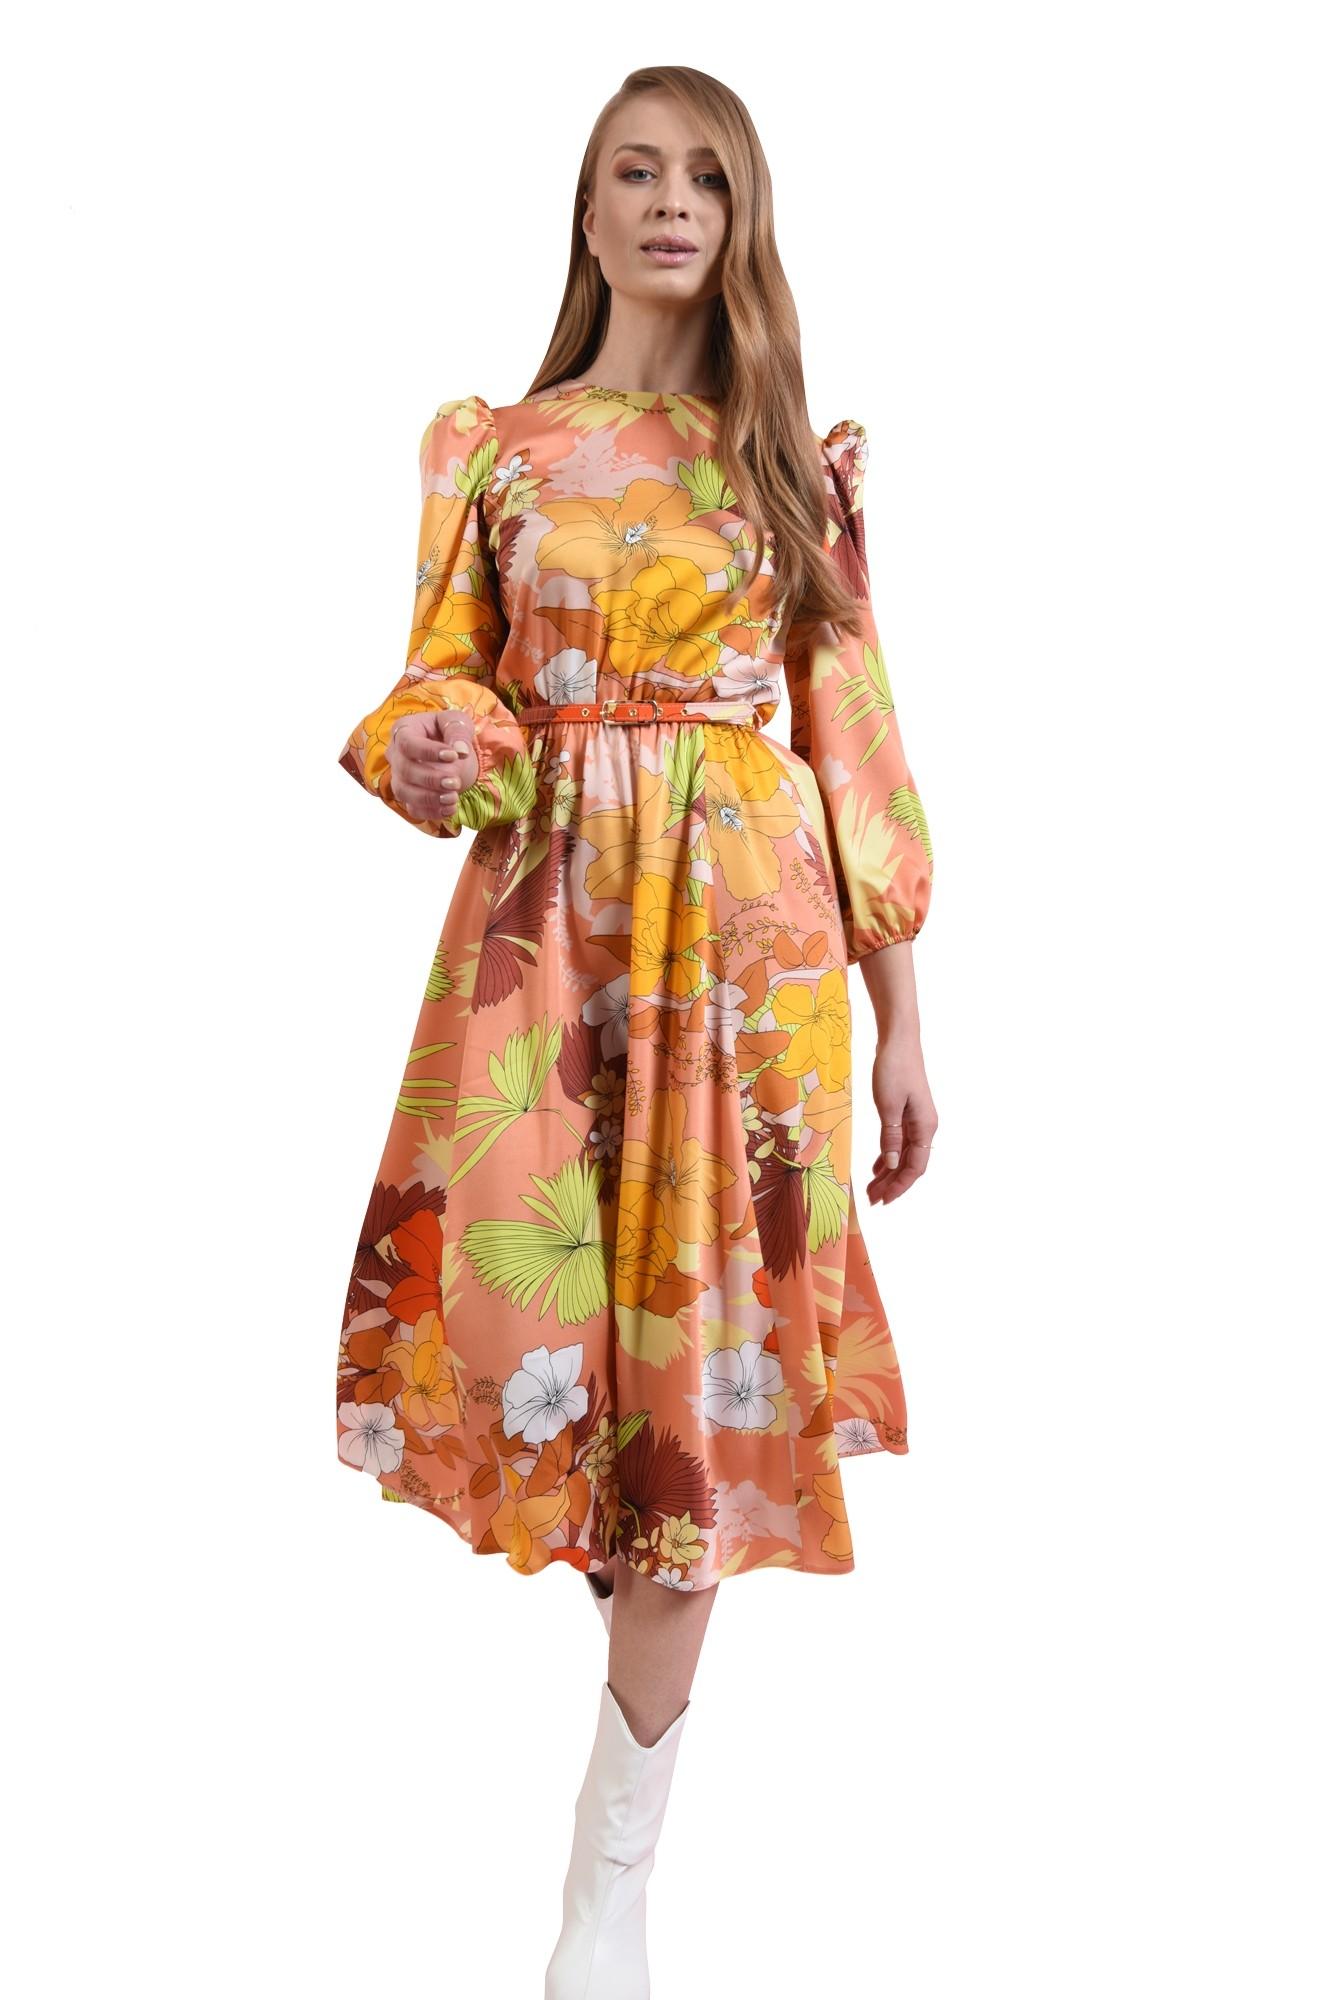 rochie cu umeri accentuati, cu centura